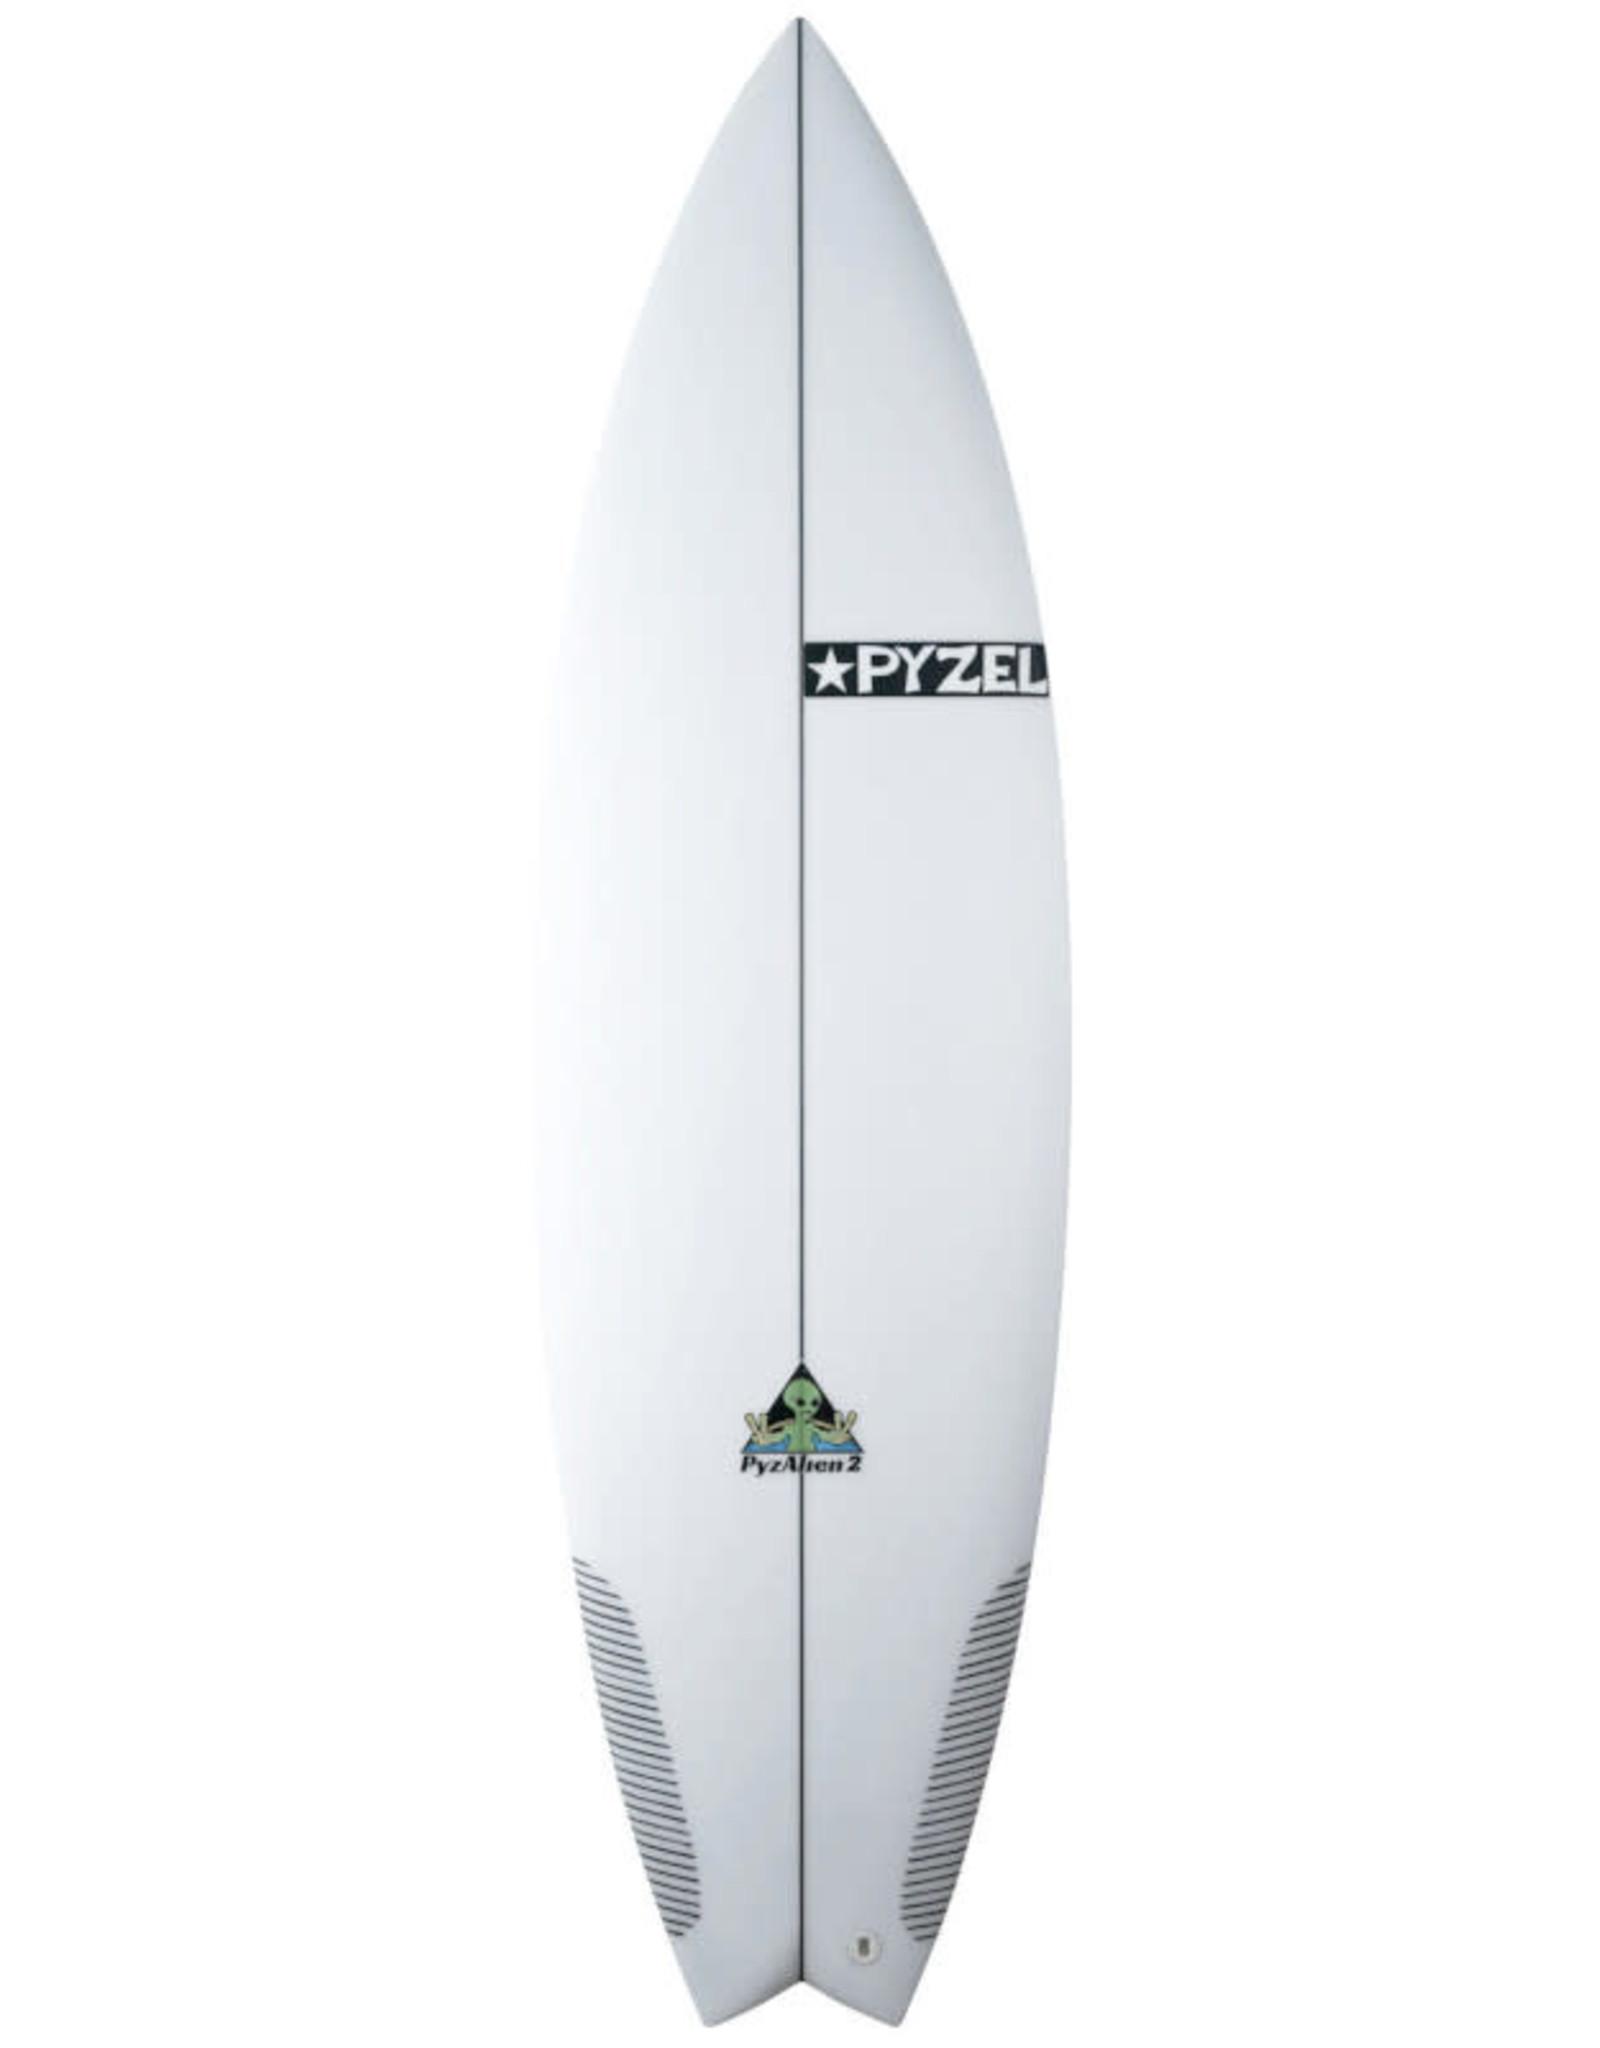 """Pyzel Surfboards Pyzel 5'11"""" Pyzalien 2"""